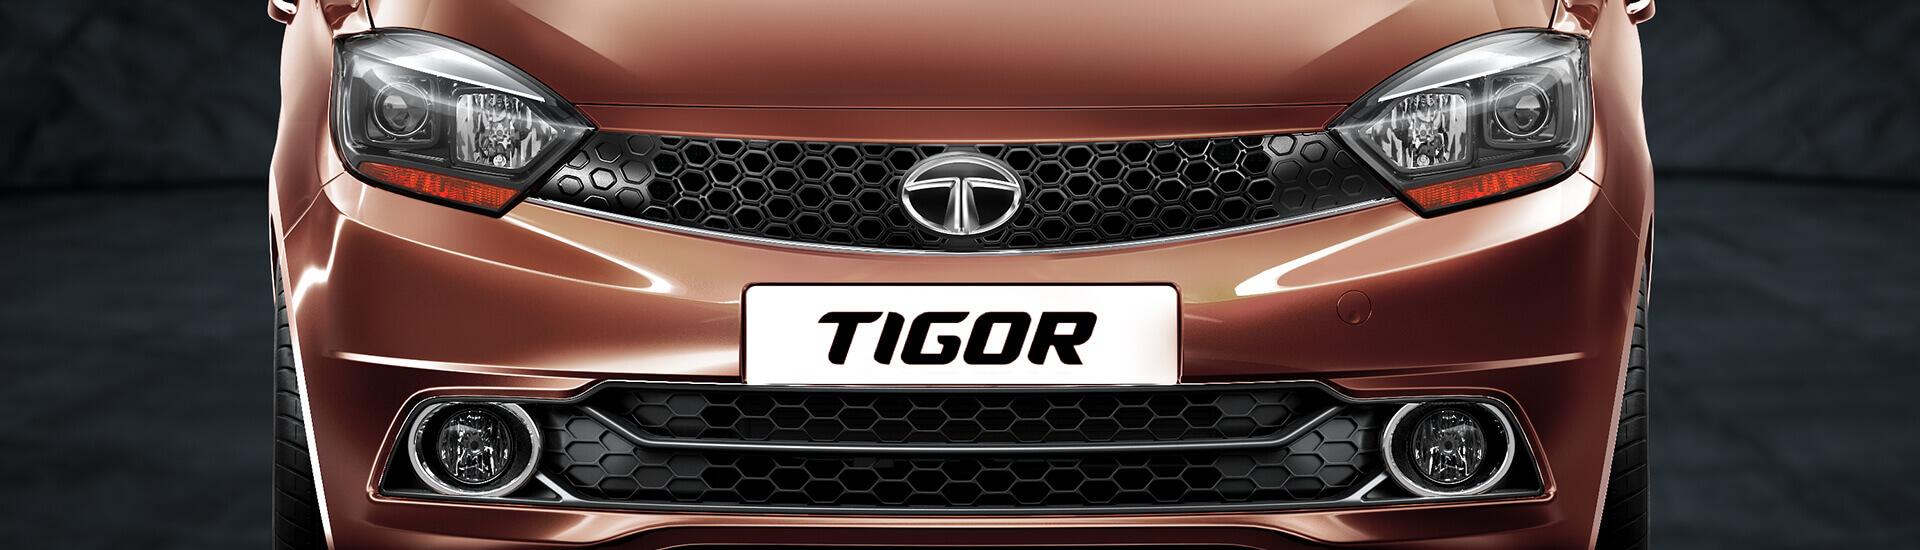 Tata Tigor exterior